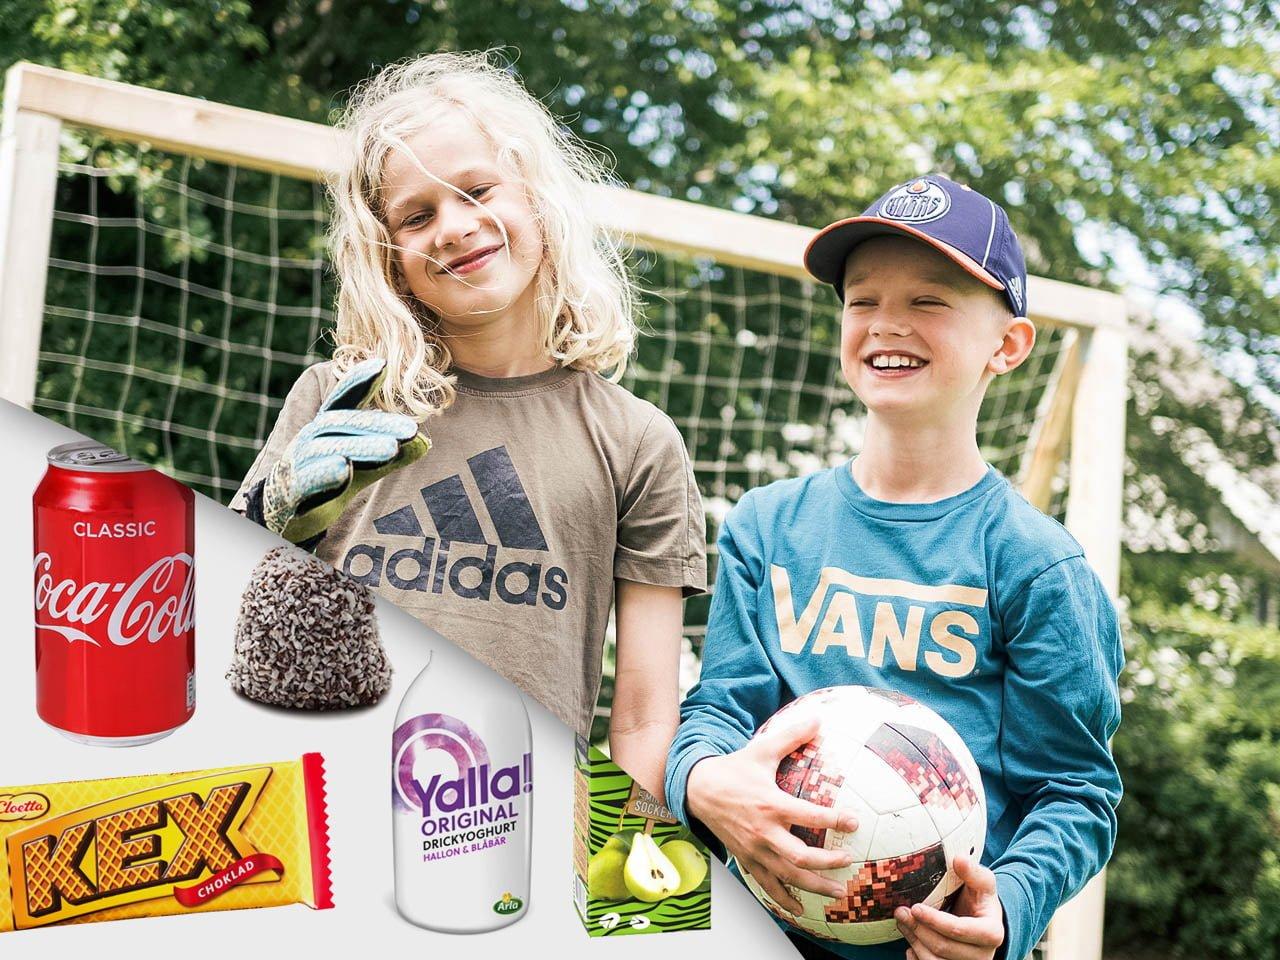 socker barn idrottshallar